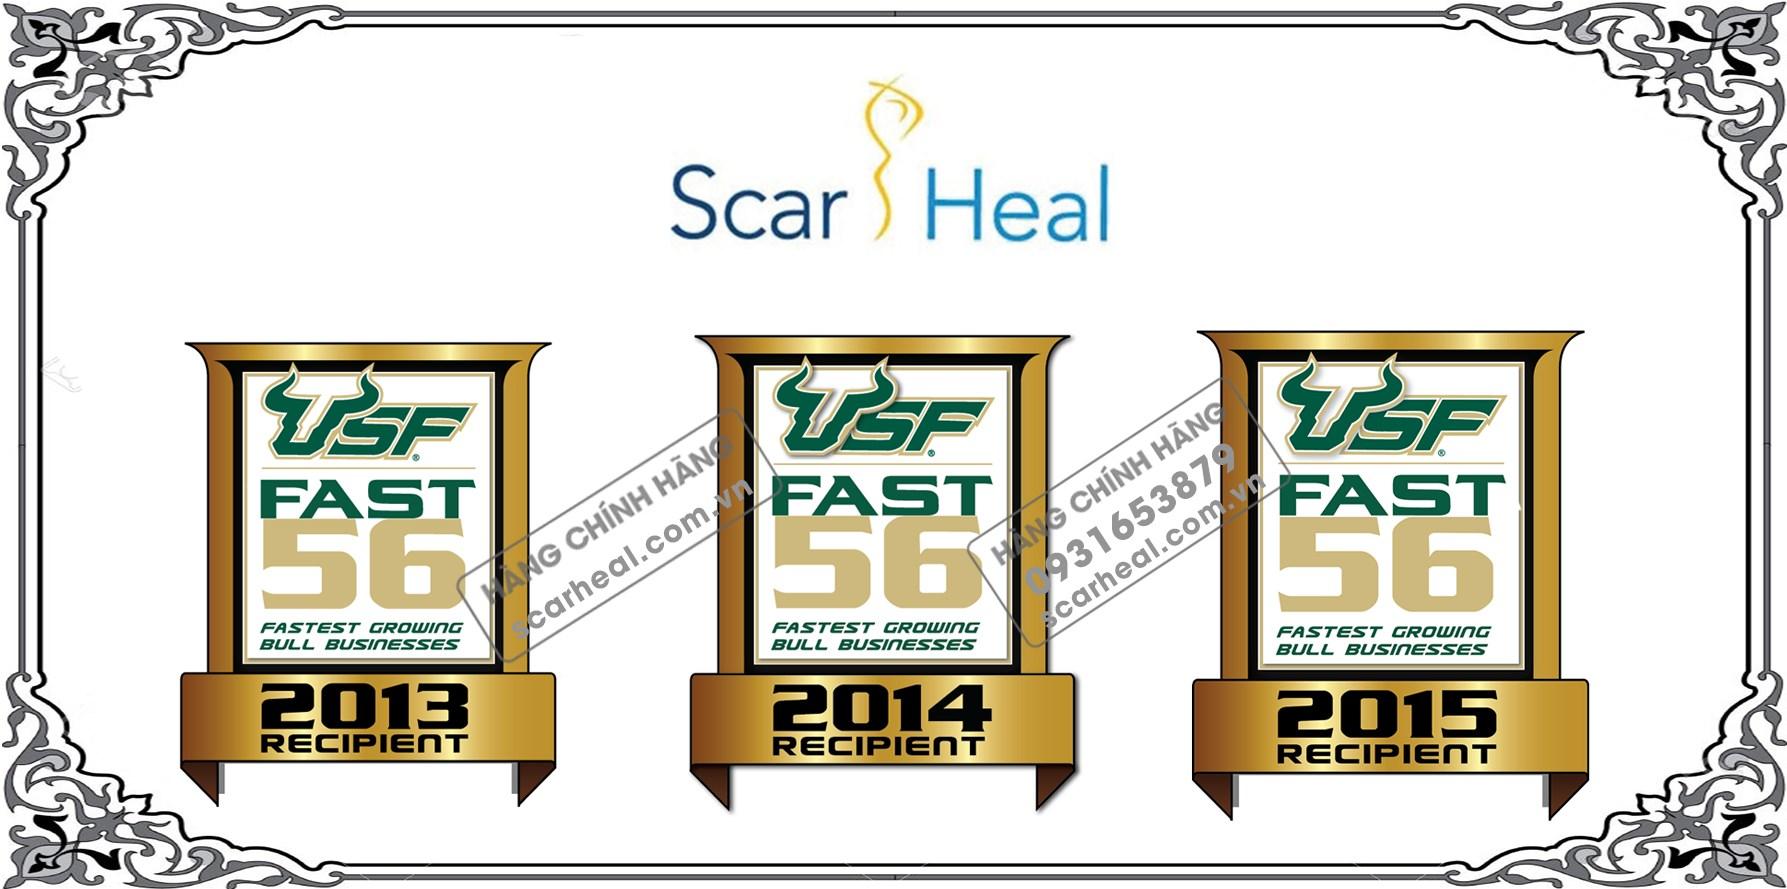 Scar Heal là một trong rất ít các tập đoàn trên thế giới nhận giải thưởng USF's Bull 56  lần thứ 3 liên tiếp